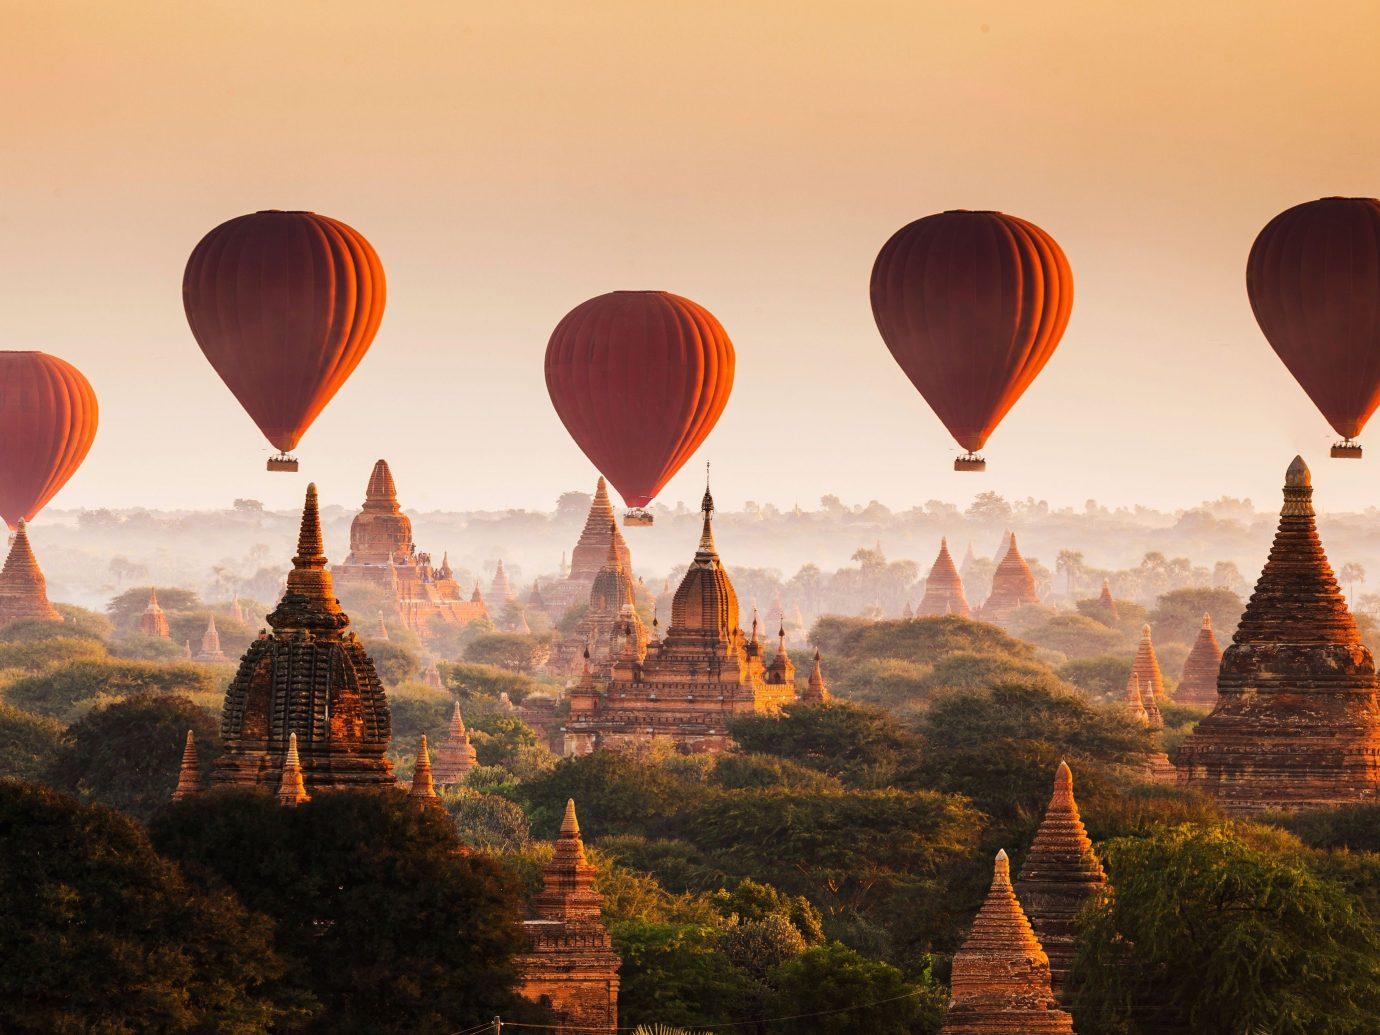 Offbeat transport aircraft balloon Hot Air Balloon hot air ballooning vehicle atmosphere of earth